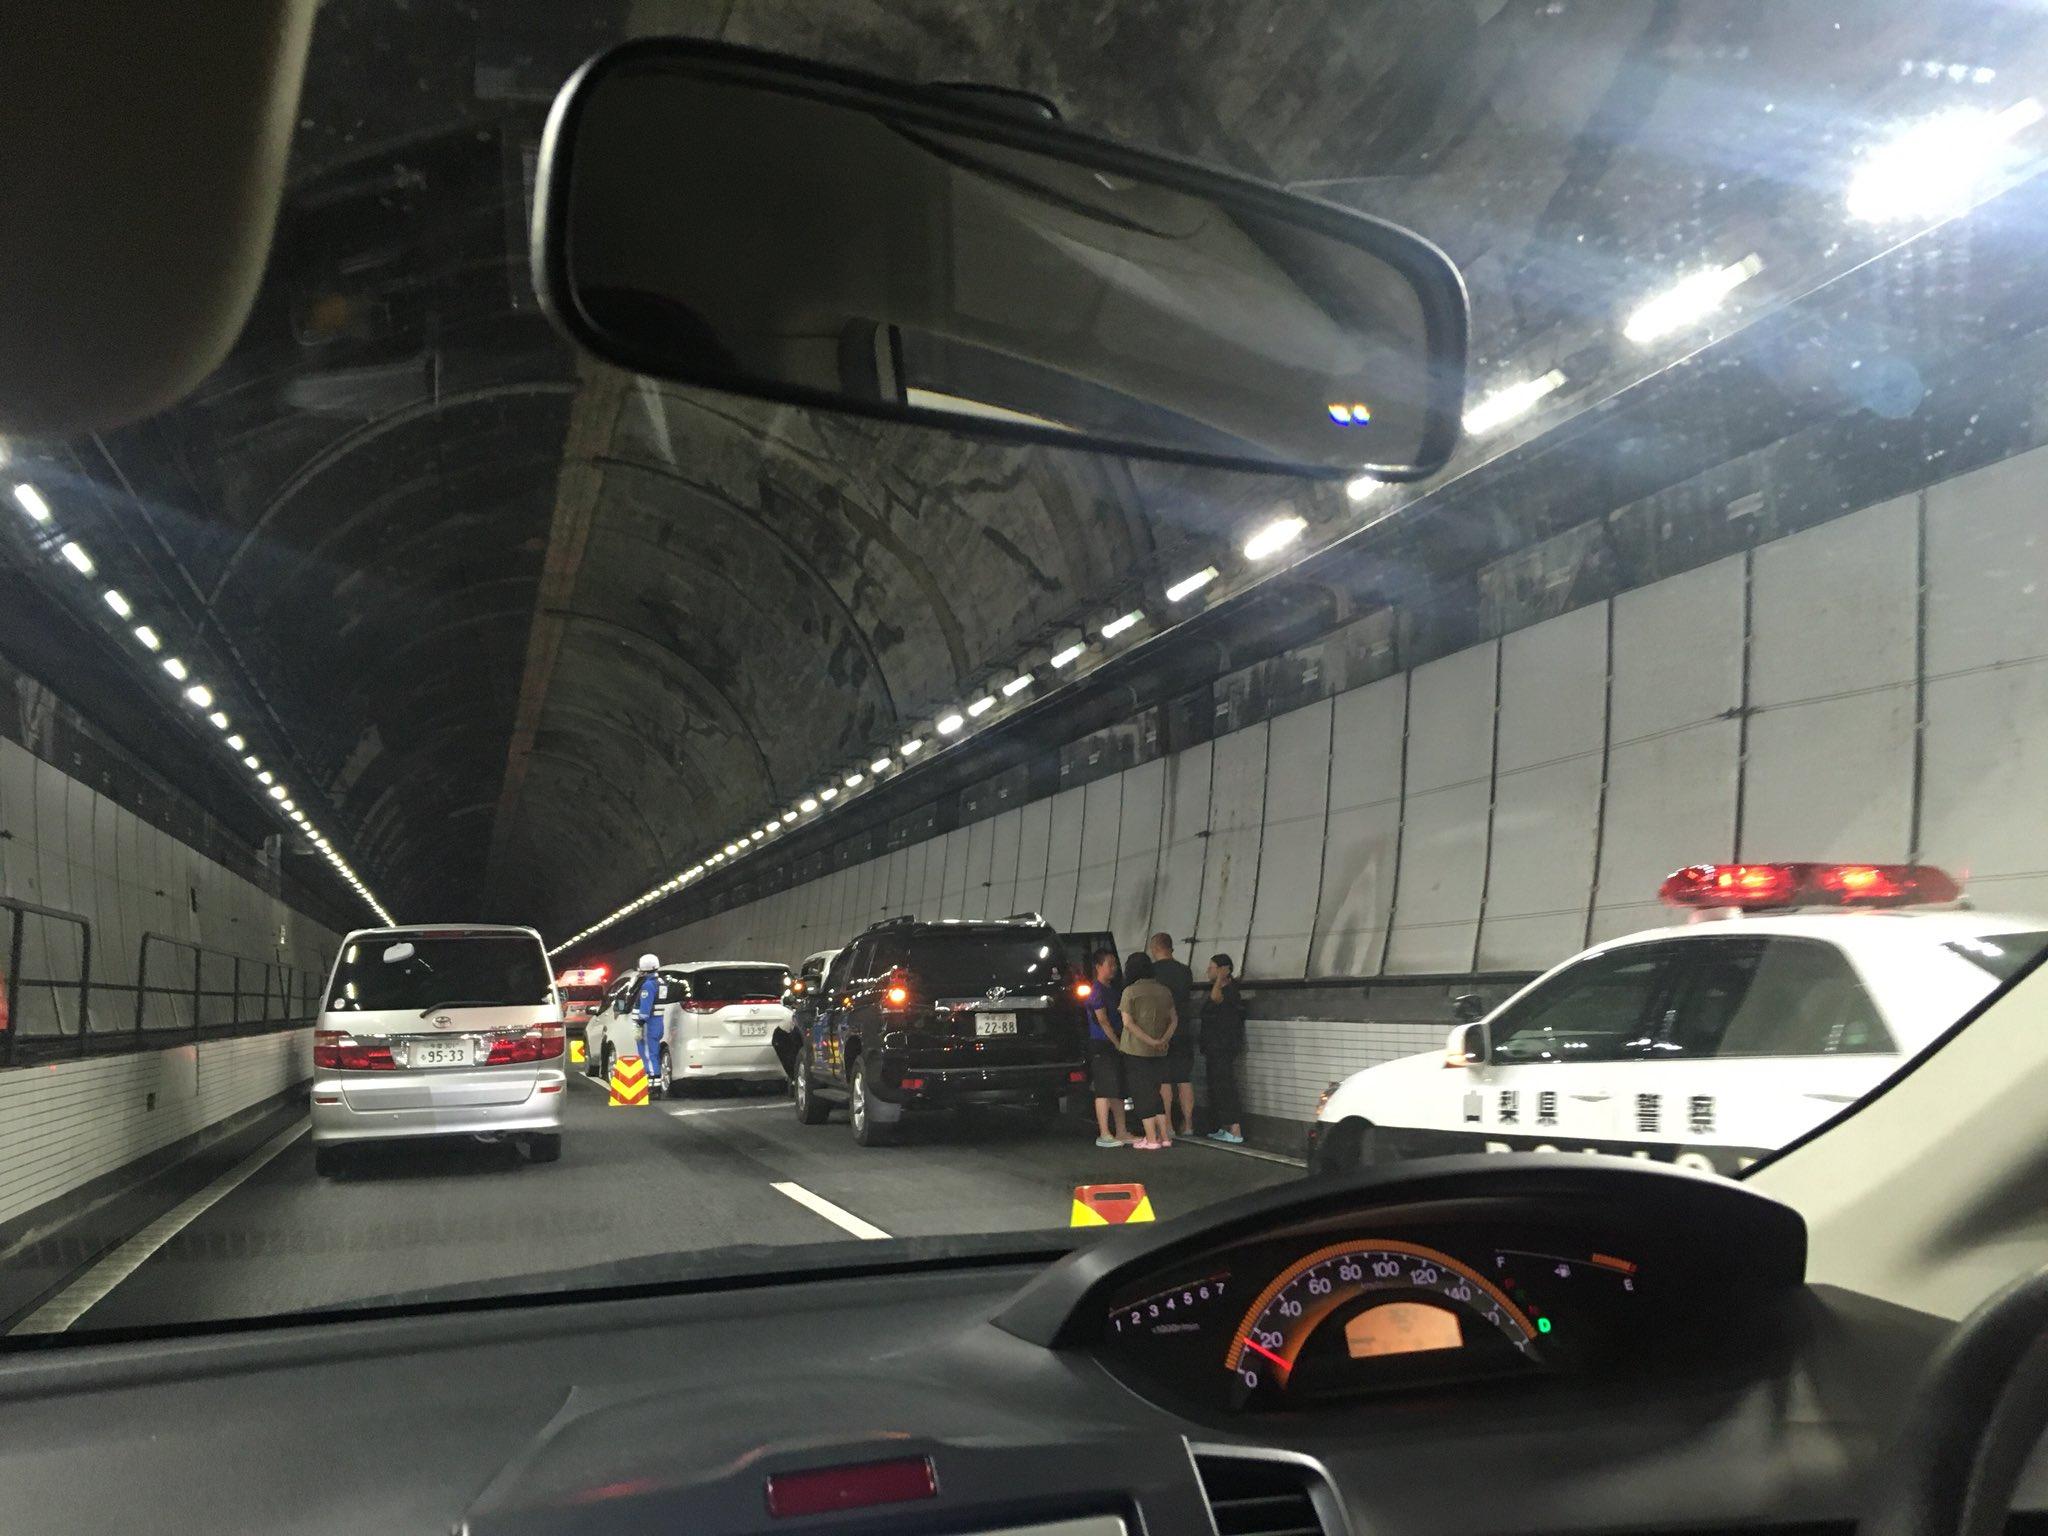 画像,中央道上り、めっちゃ渋滞してて何かと思ったら笹子トンネル内で車8台ほどが絡む玉突き事故のようです。ただいま事故処理中。事故現場越えれば一気に走れるようになりまし…